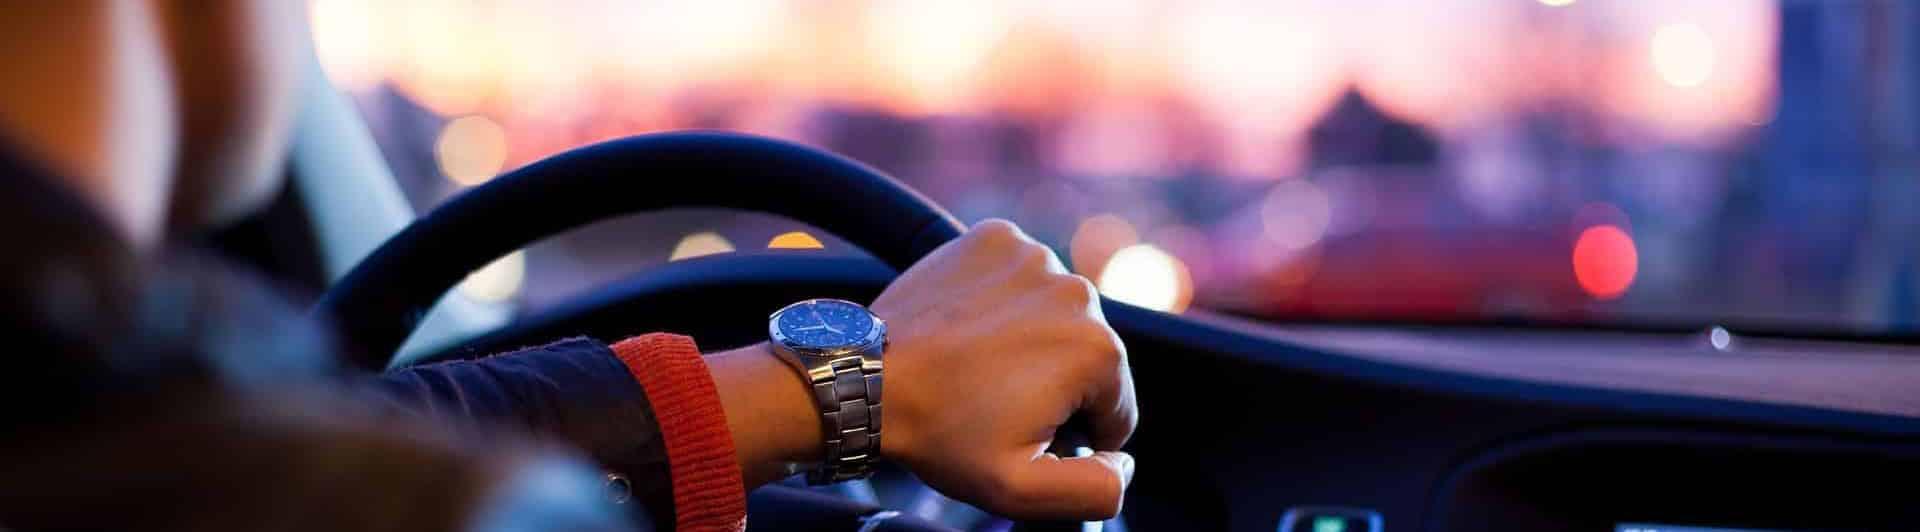 Homme conduisant sa nouvelle voiture obtenue grâce au leasing